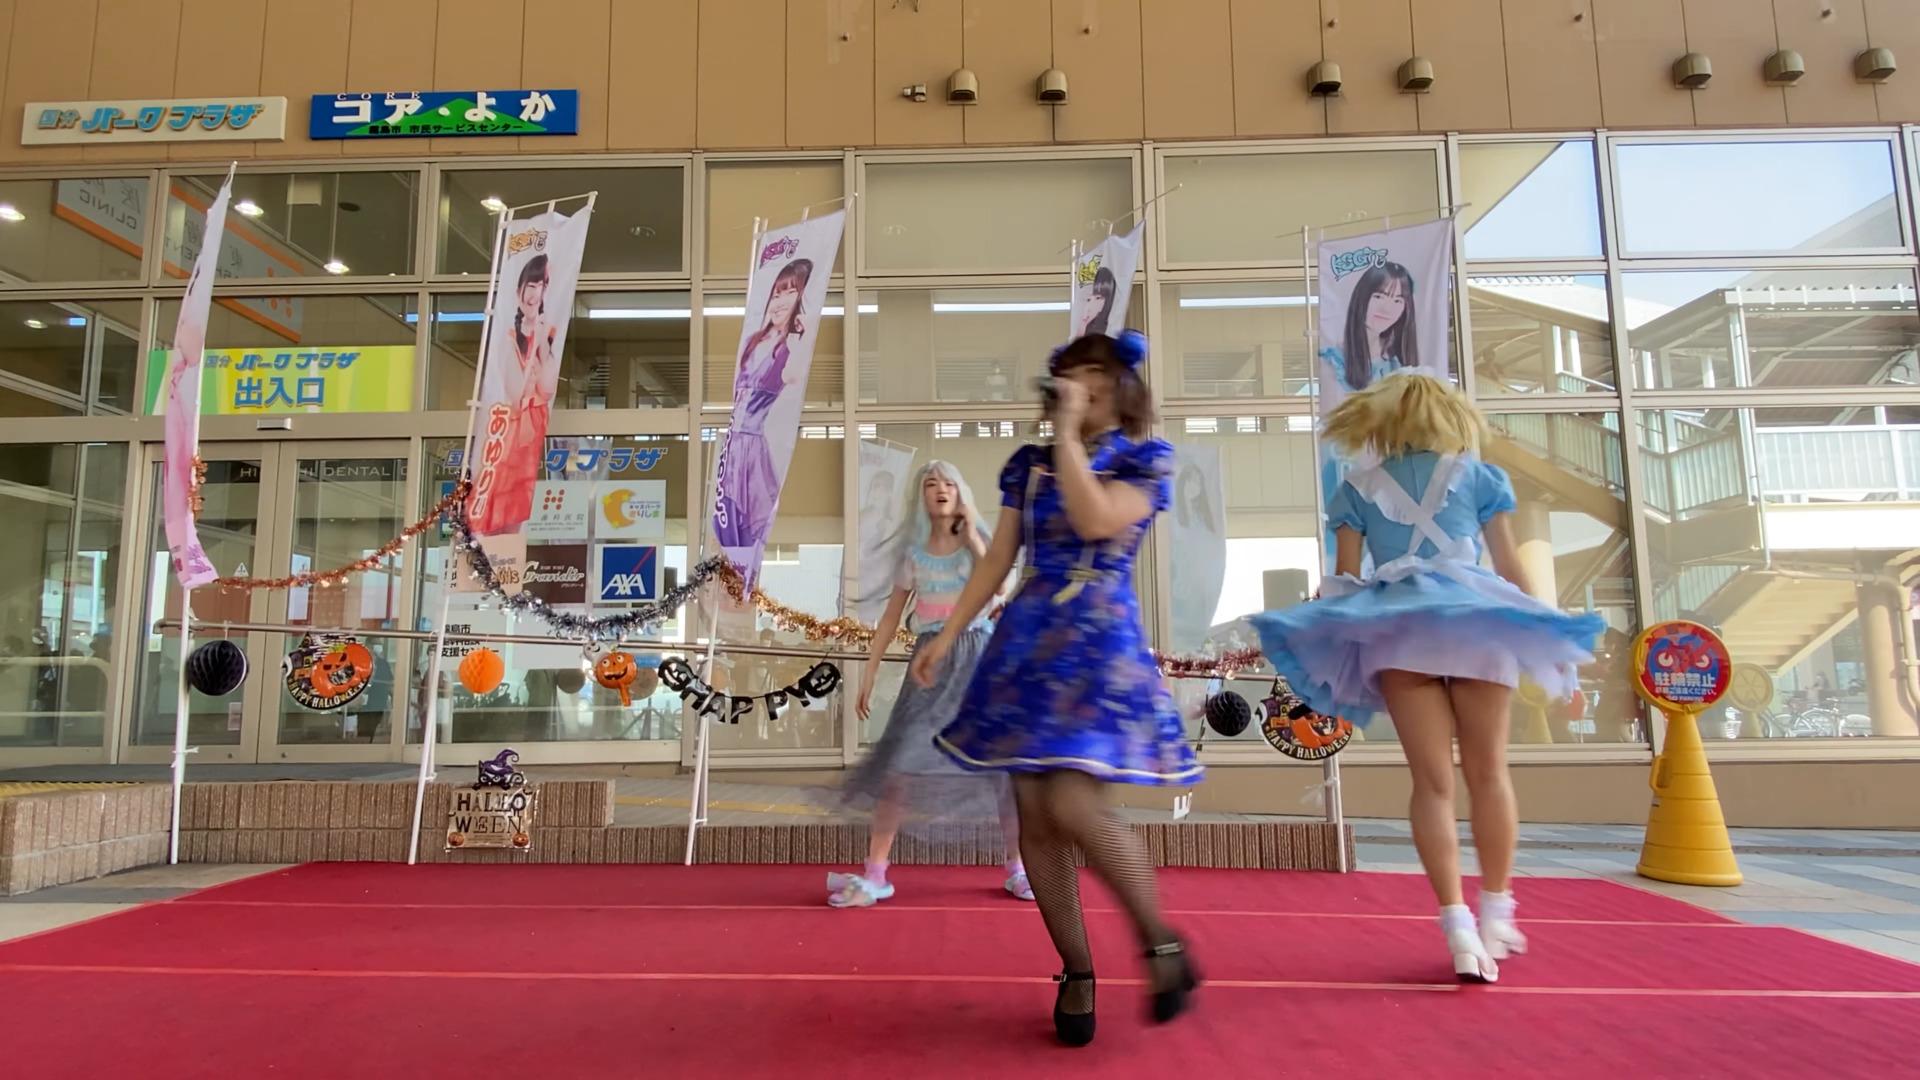 きりしまサンシャインガールズ& MY Dream♪ コラボ「ハロウィン・ナイト」2020.10.11 02:24